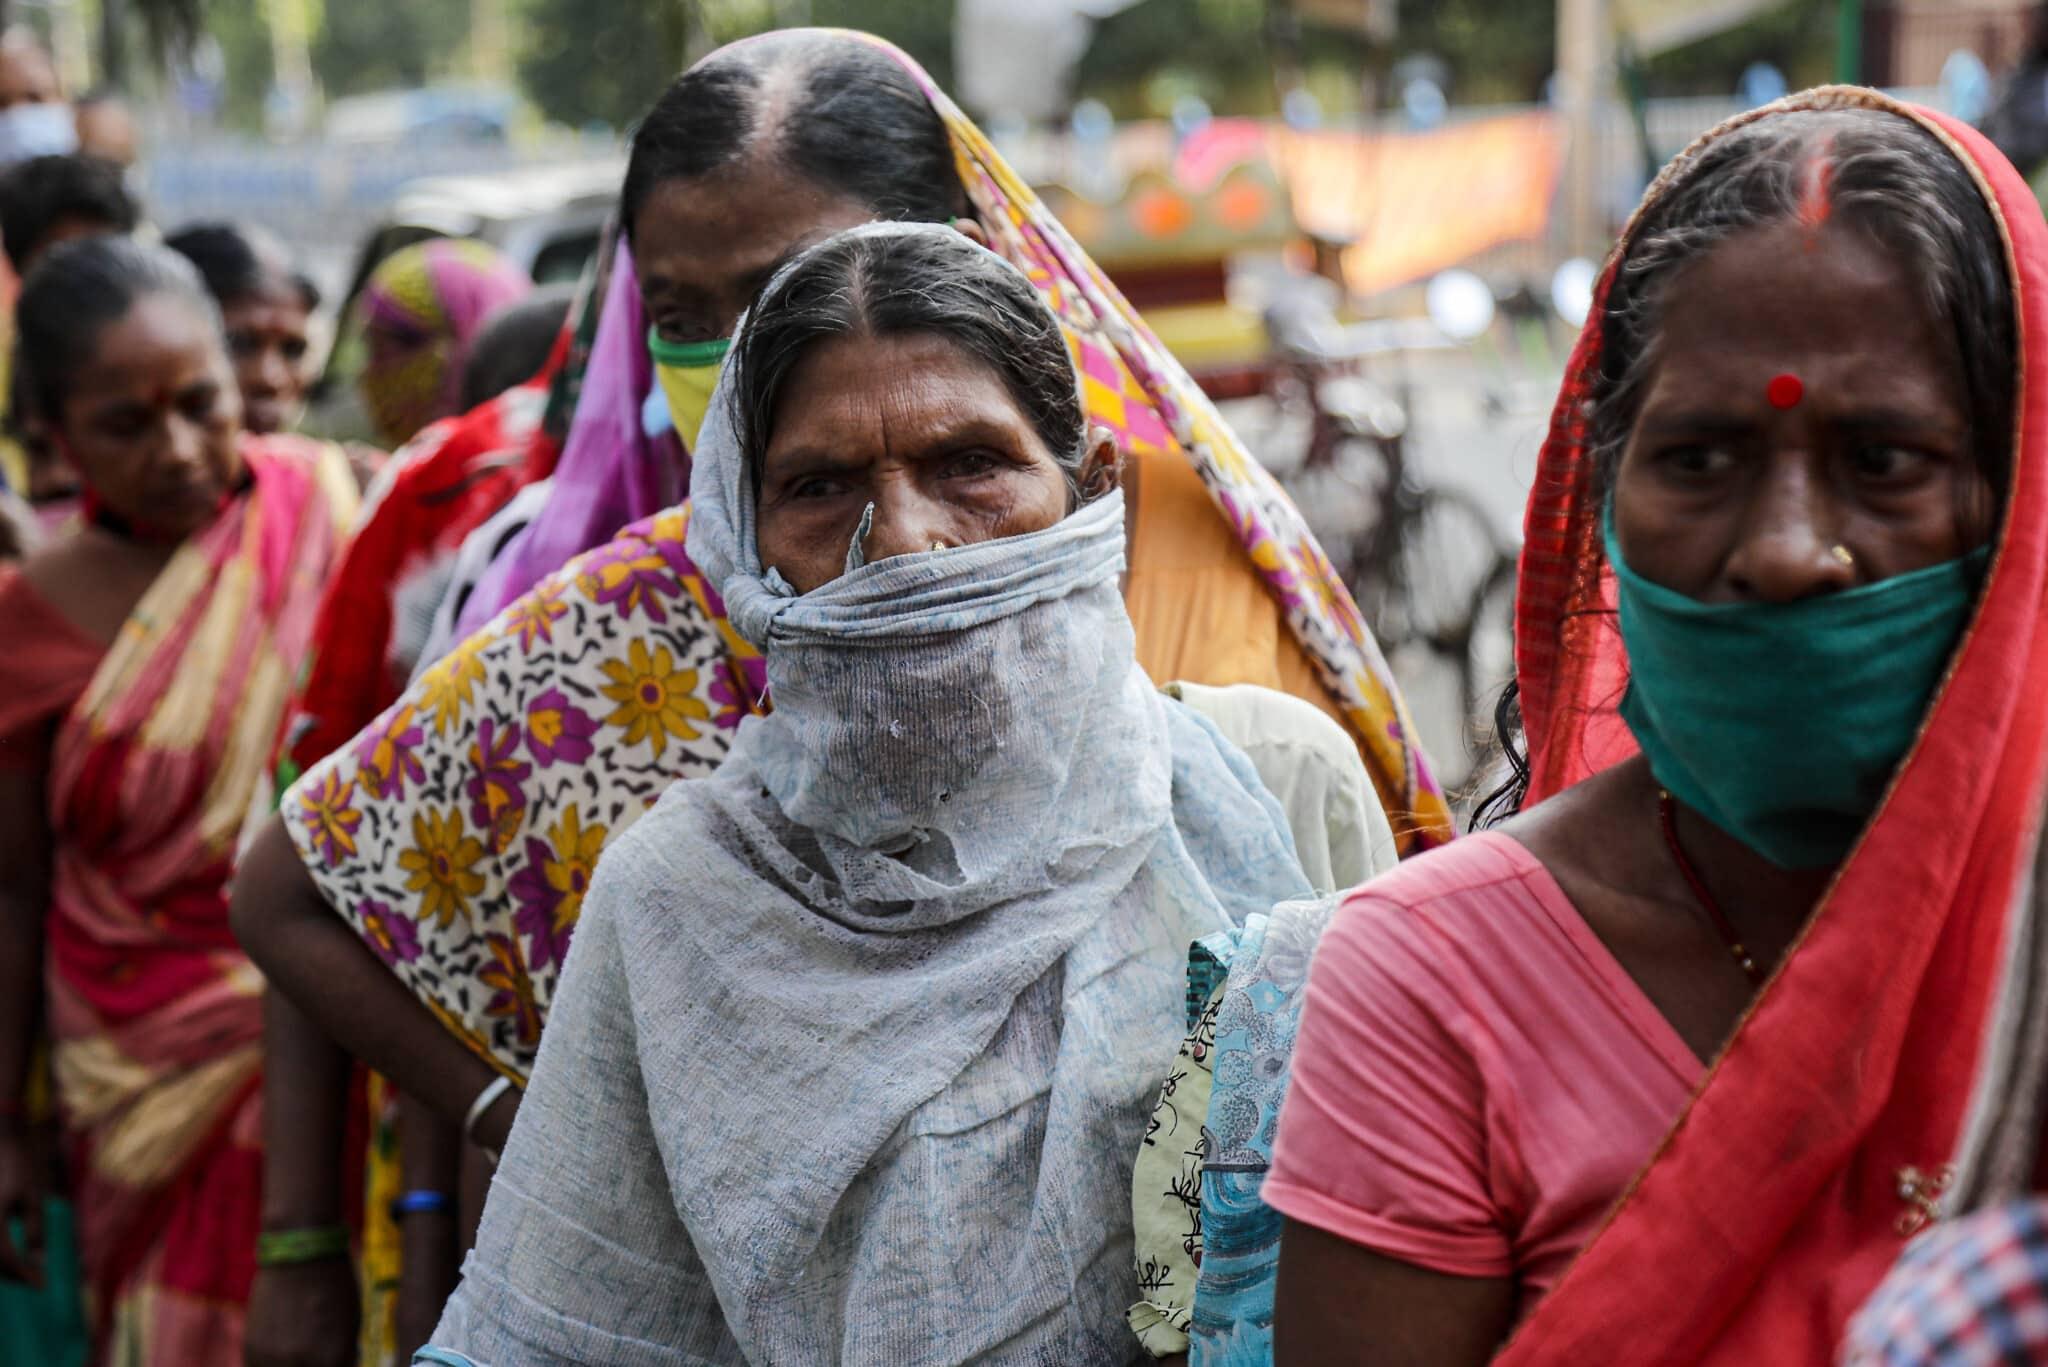 עניים ממתינים בתור לקבלת אוכל במיסיון בהודו, ספטמבר 2020 (צילום: AP Photo / Bikas Das)